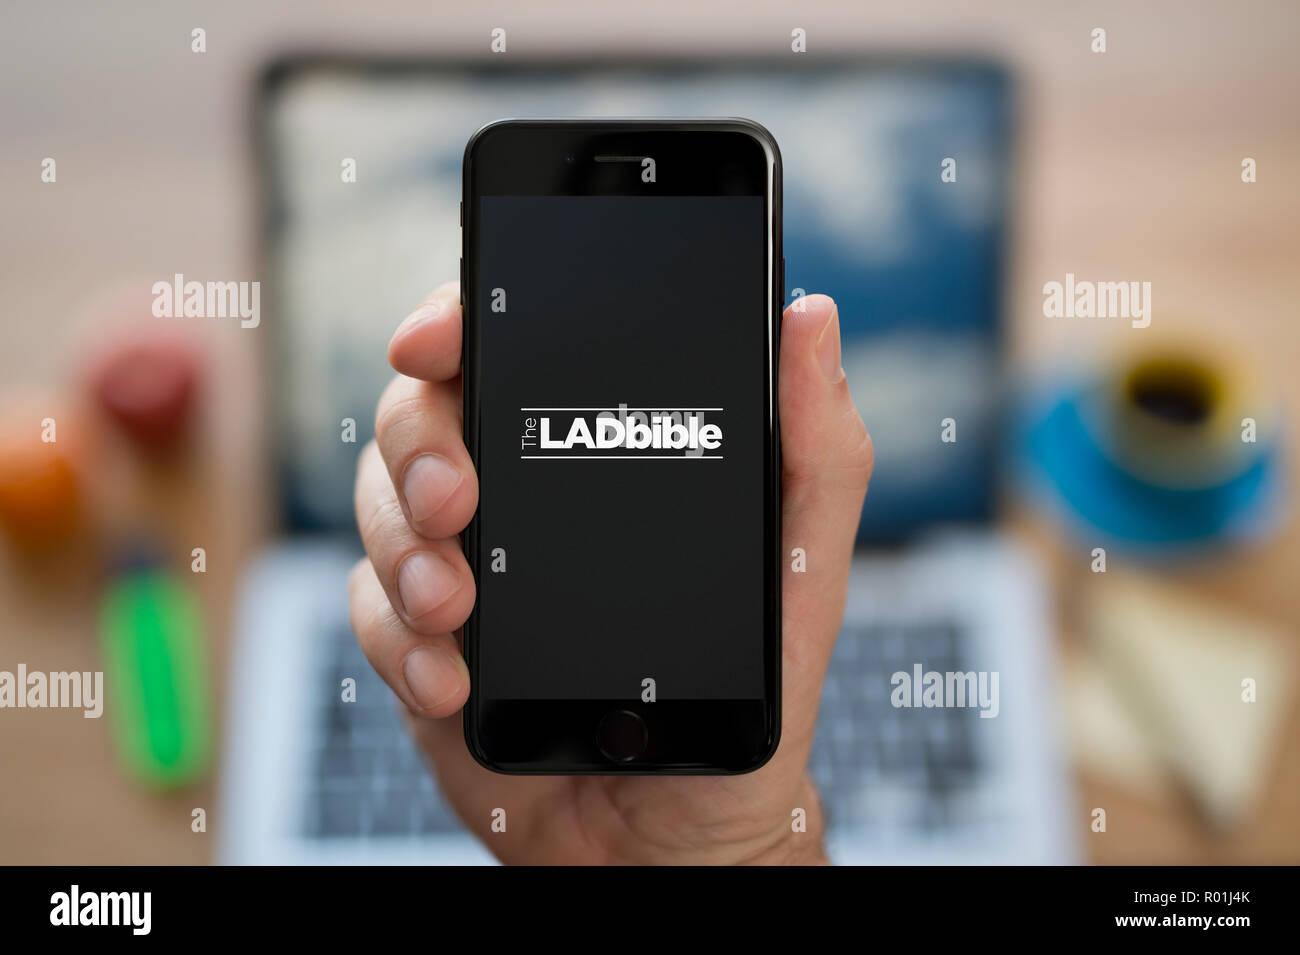 Un hombre mira el iPhone que muestra el logotipo de biblia Lad, mientras estaba sentado en su escritorio de ordenador (uso Editorial solamente). Imagen De Stock